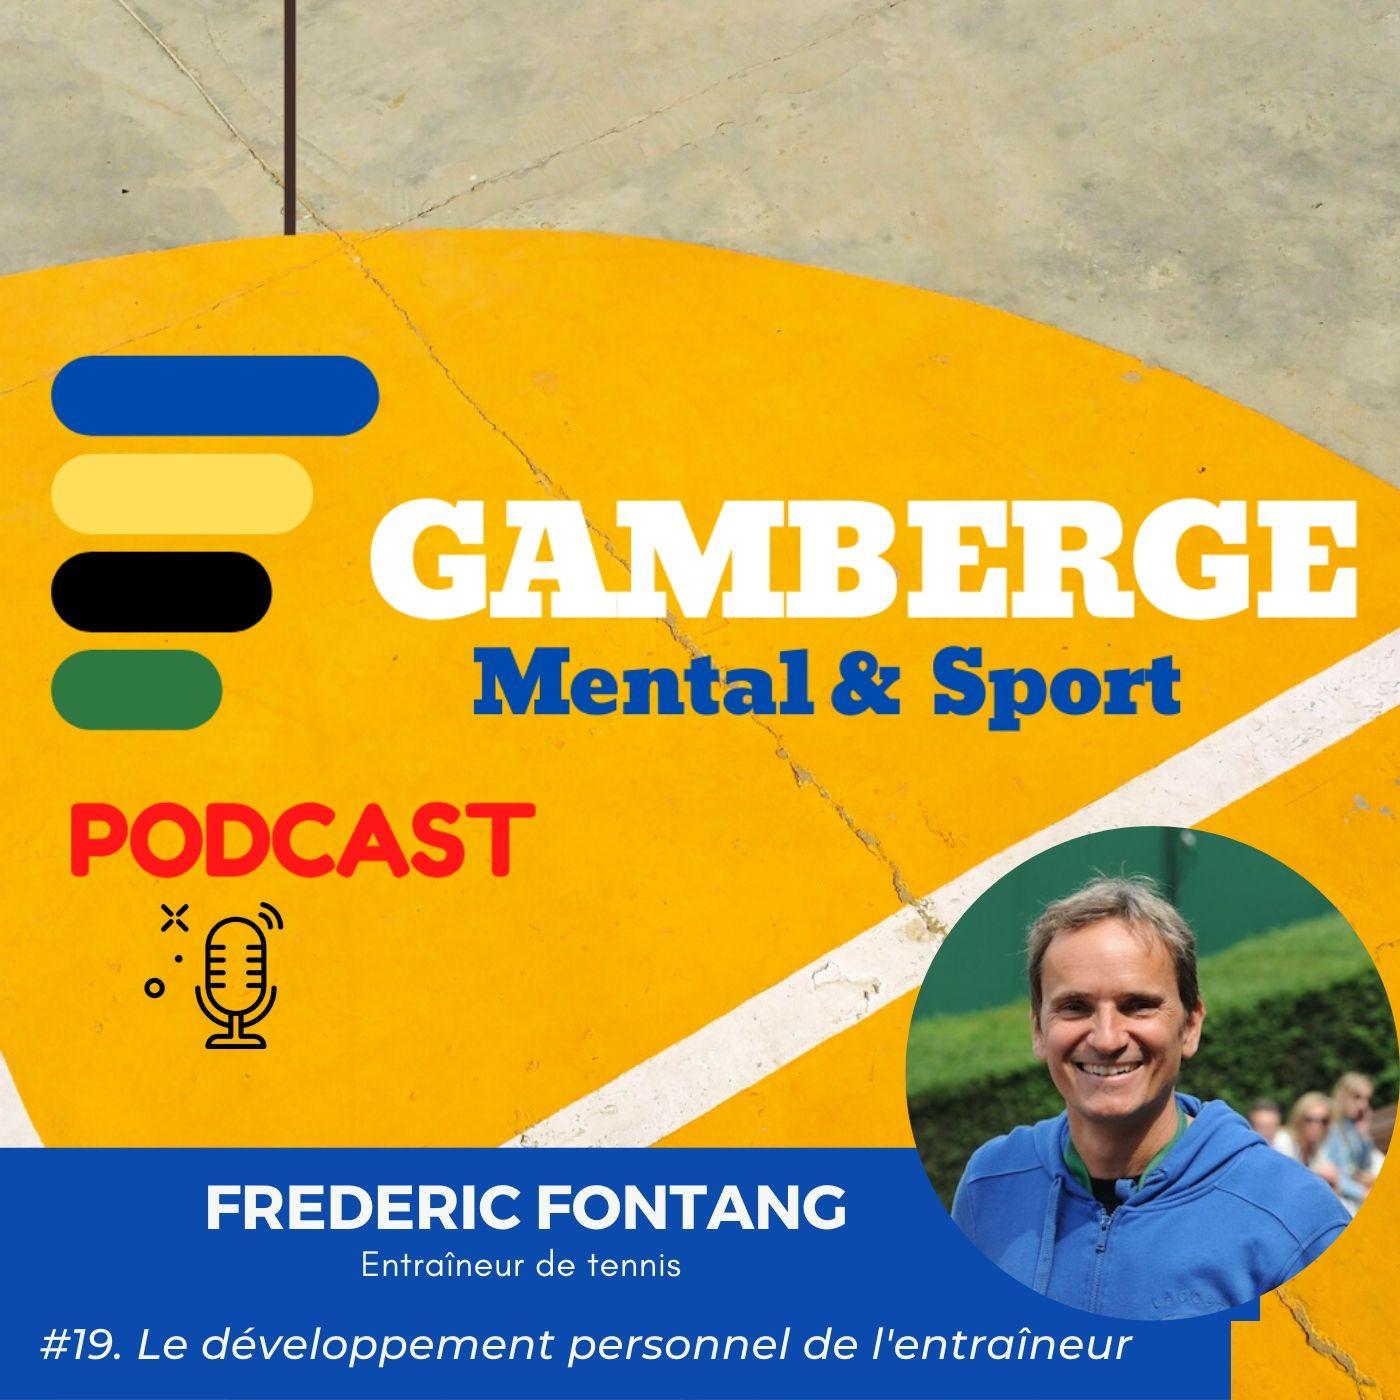 #19. Frédéric Fontang: Le développement personnel de l'entraîneur